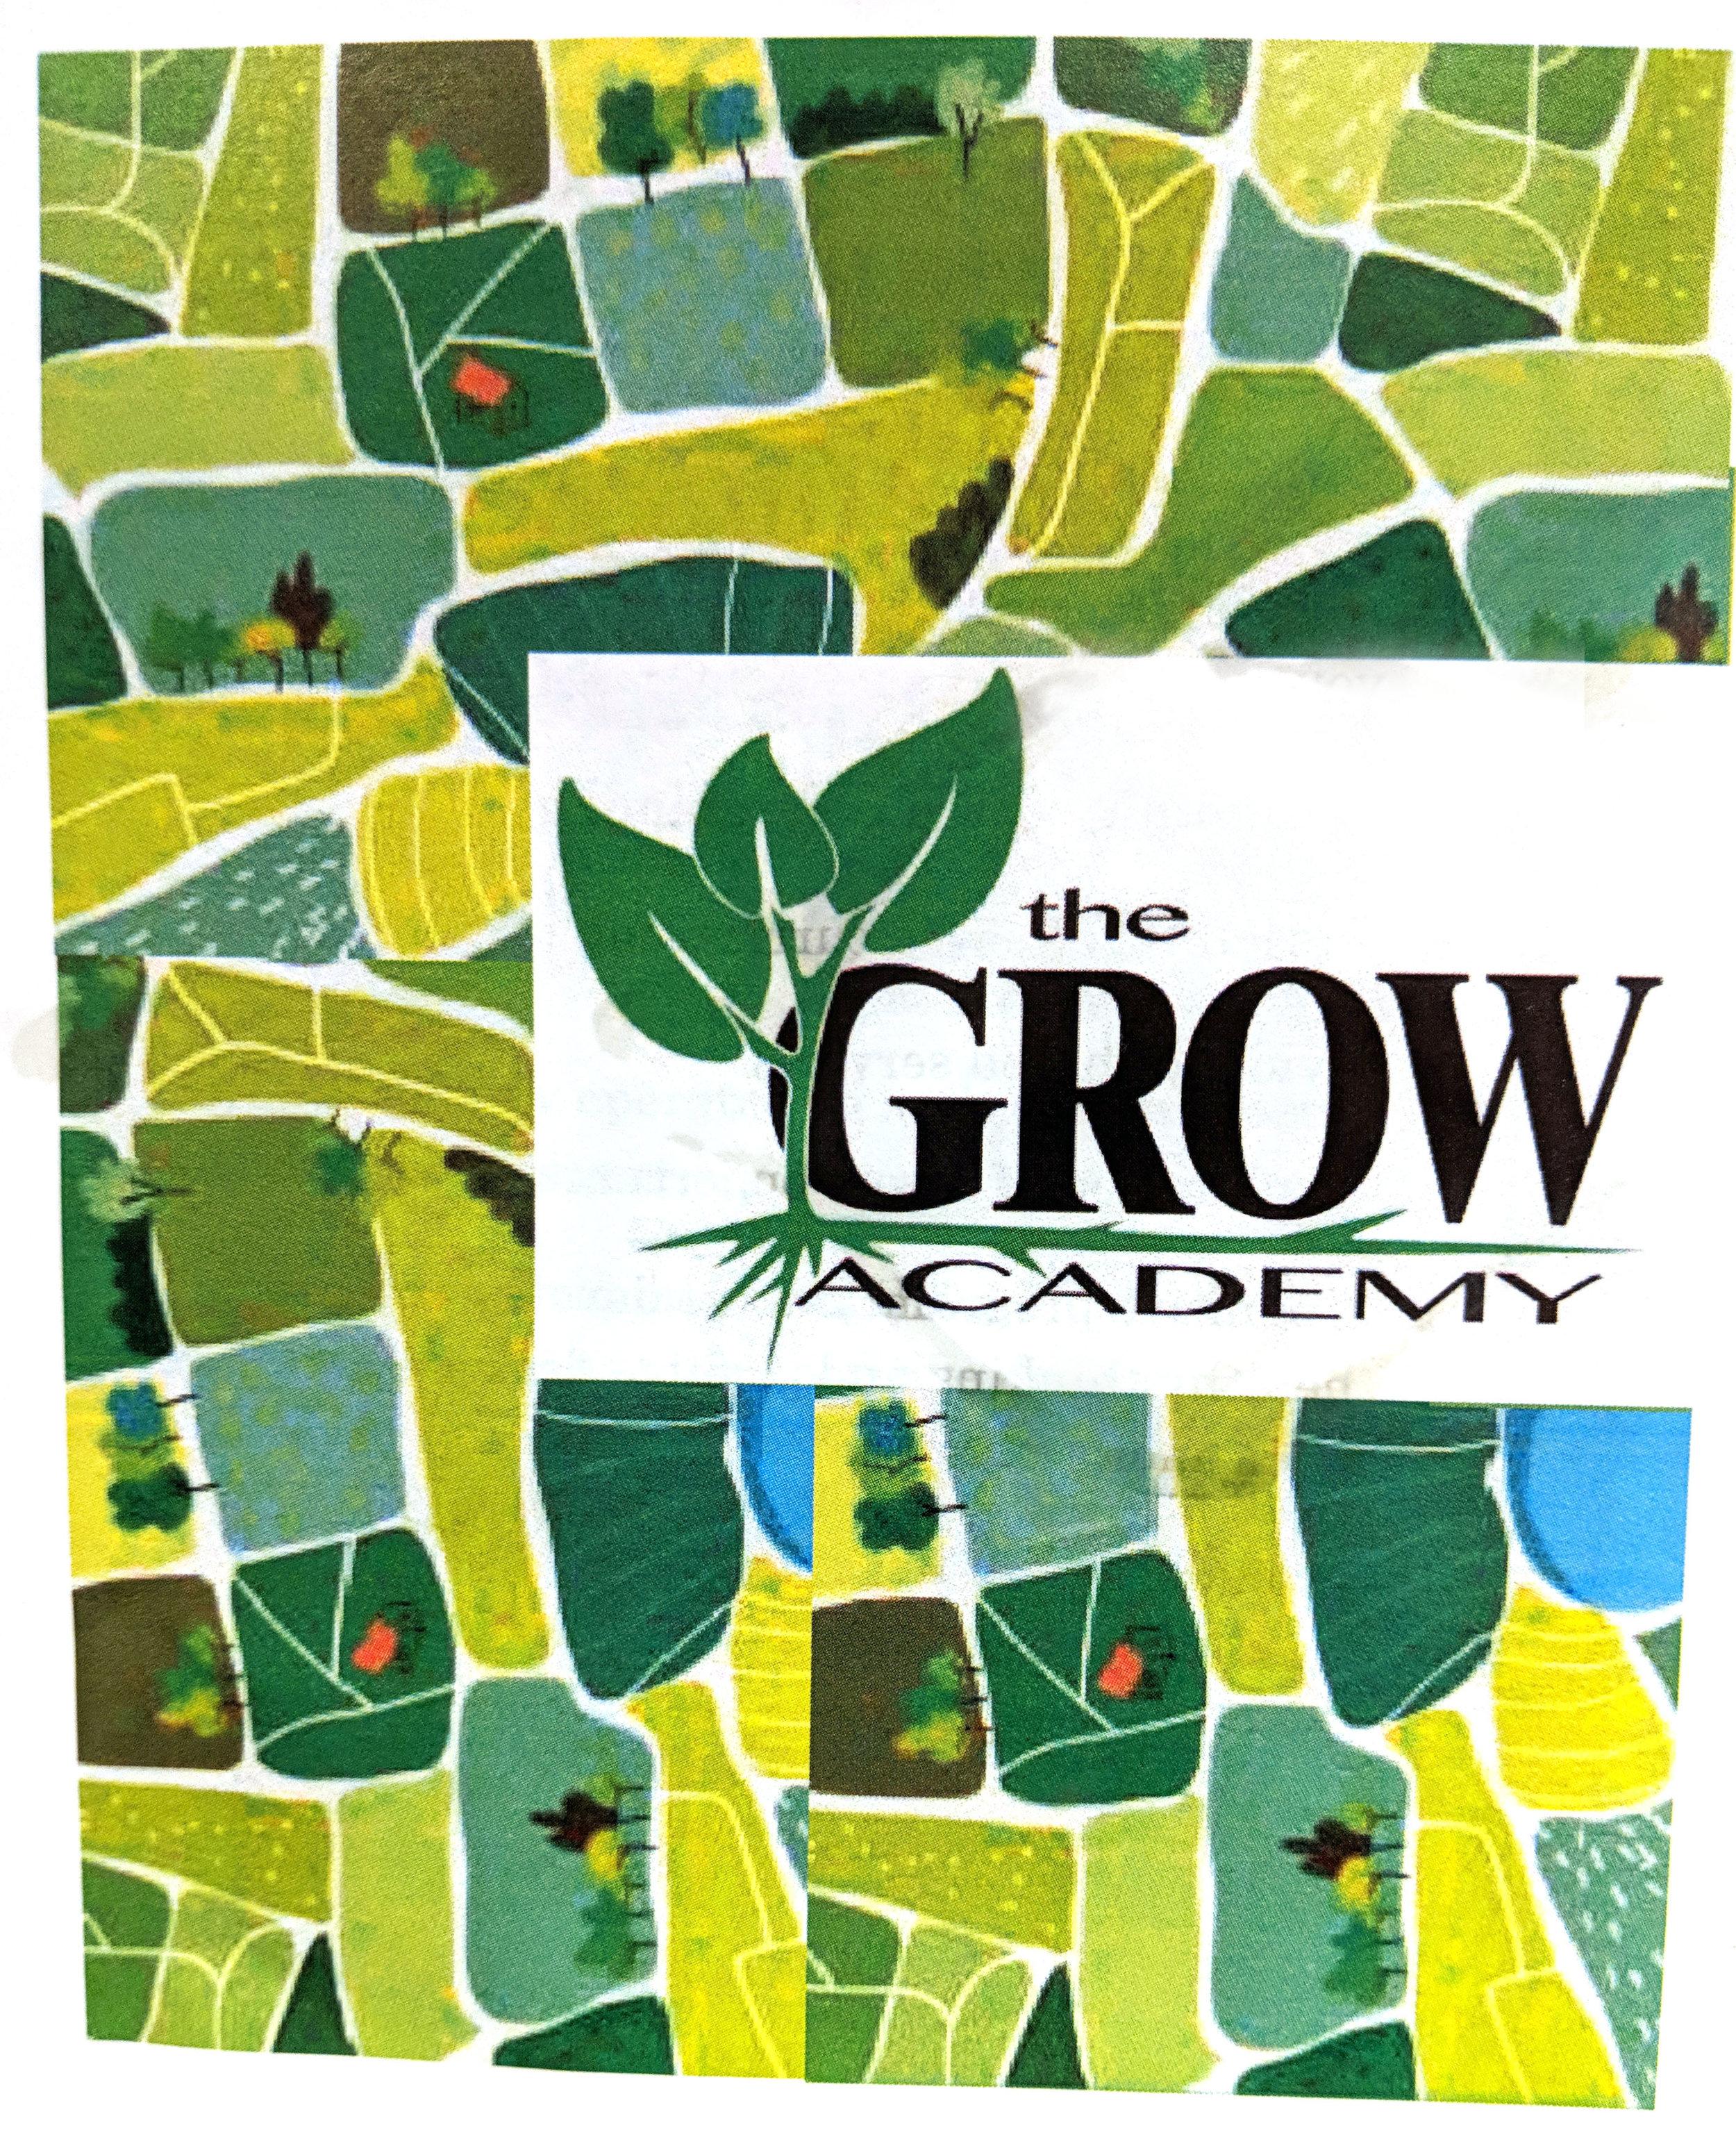 The Grow Academy